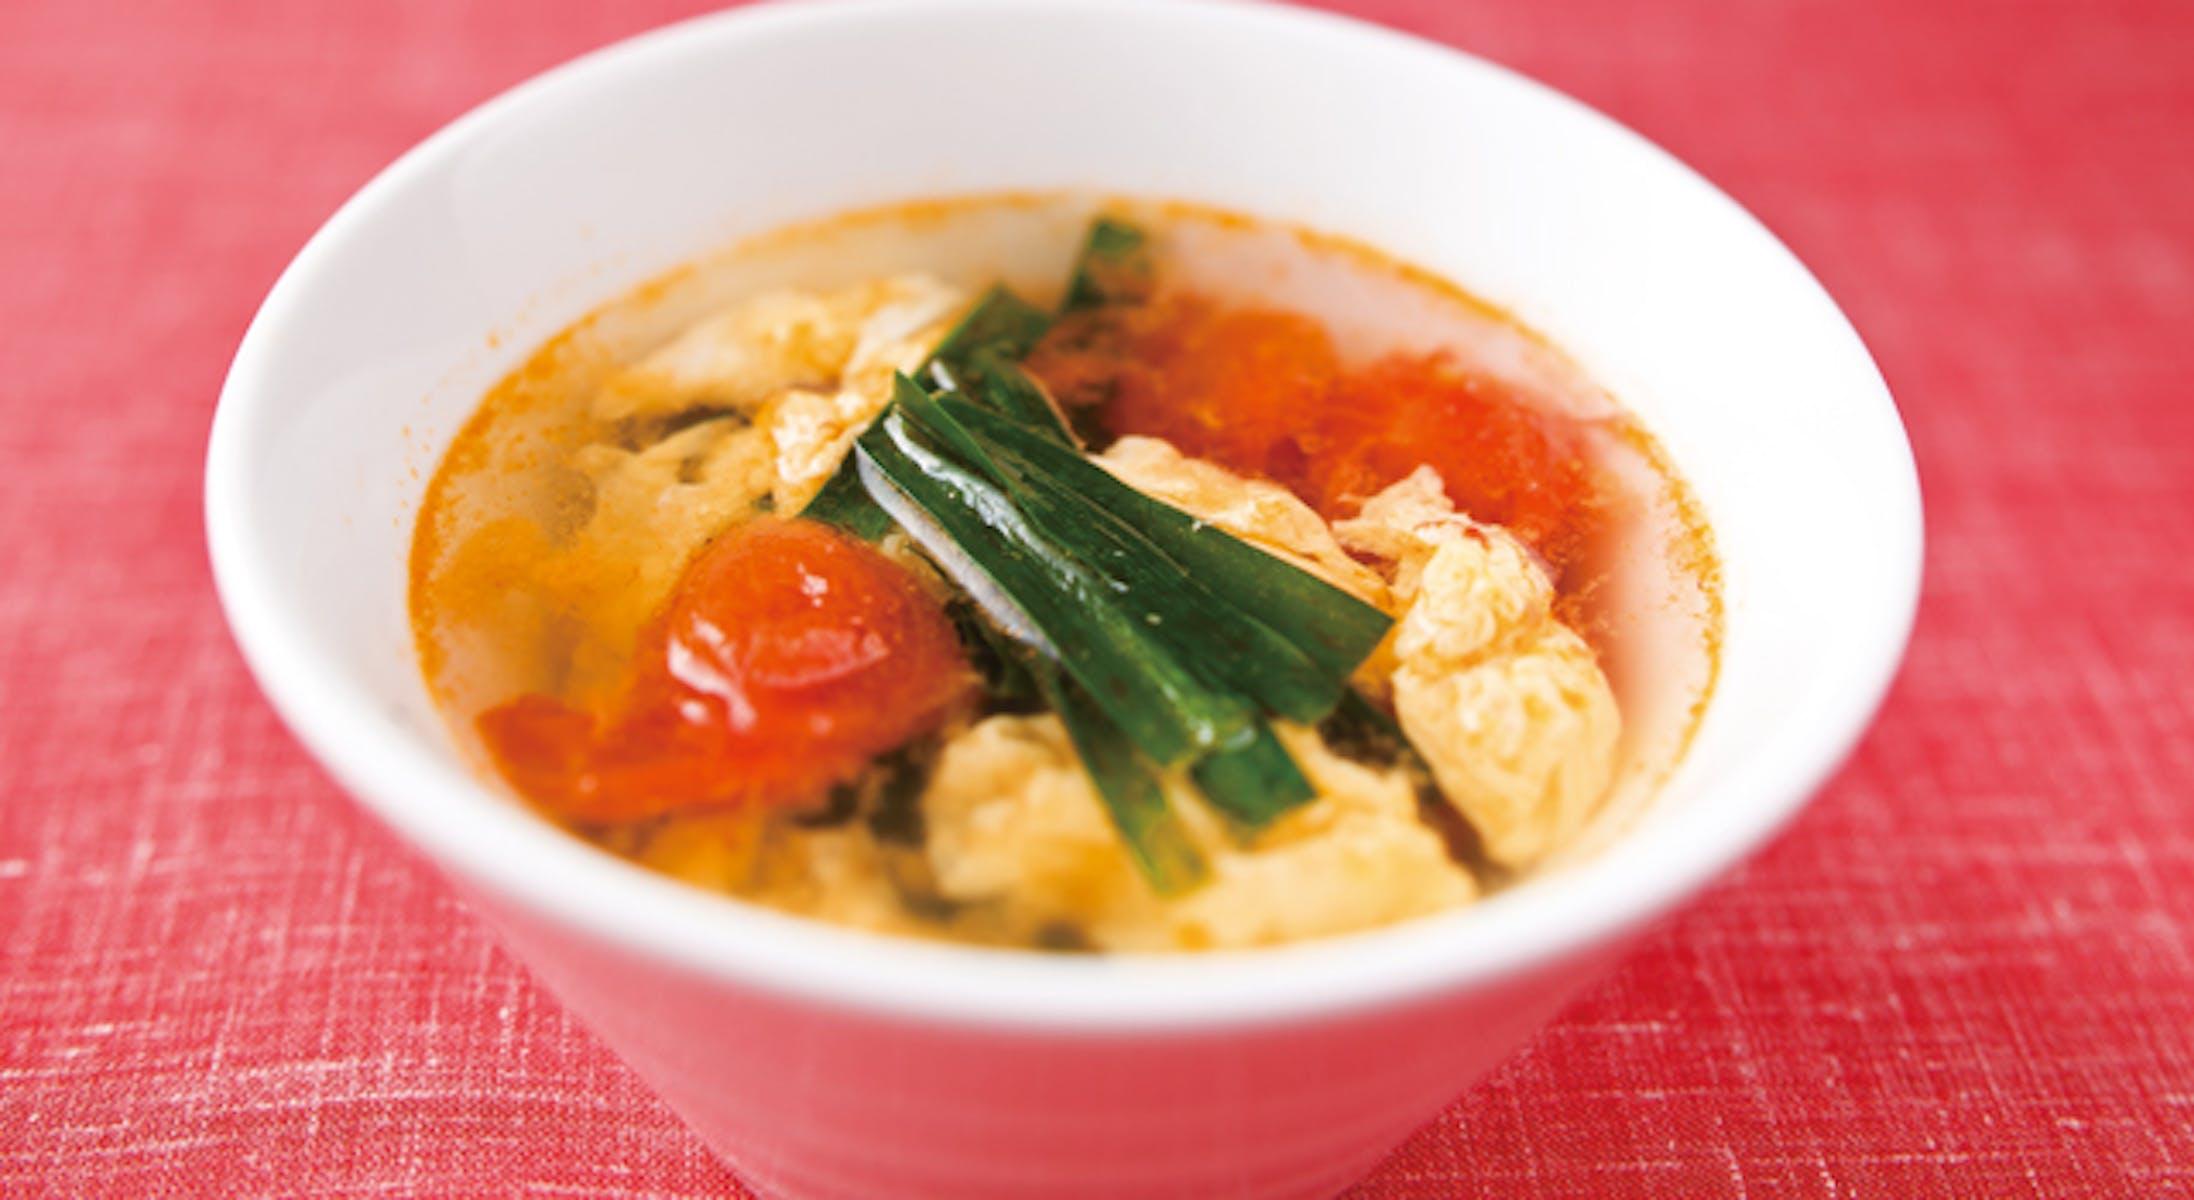 ミニトマトと卵の簡単スープ